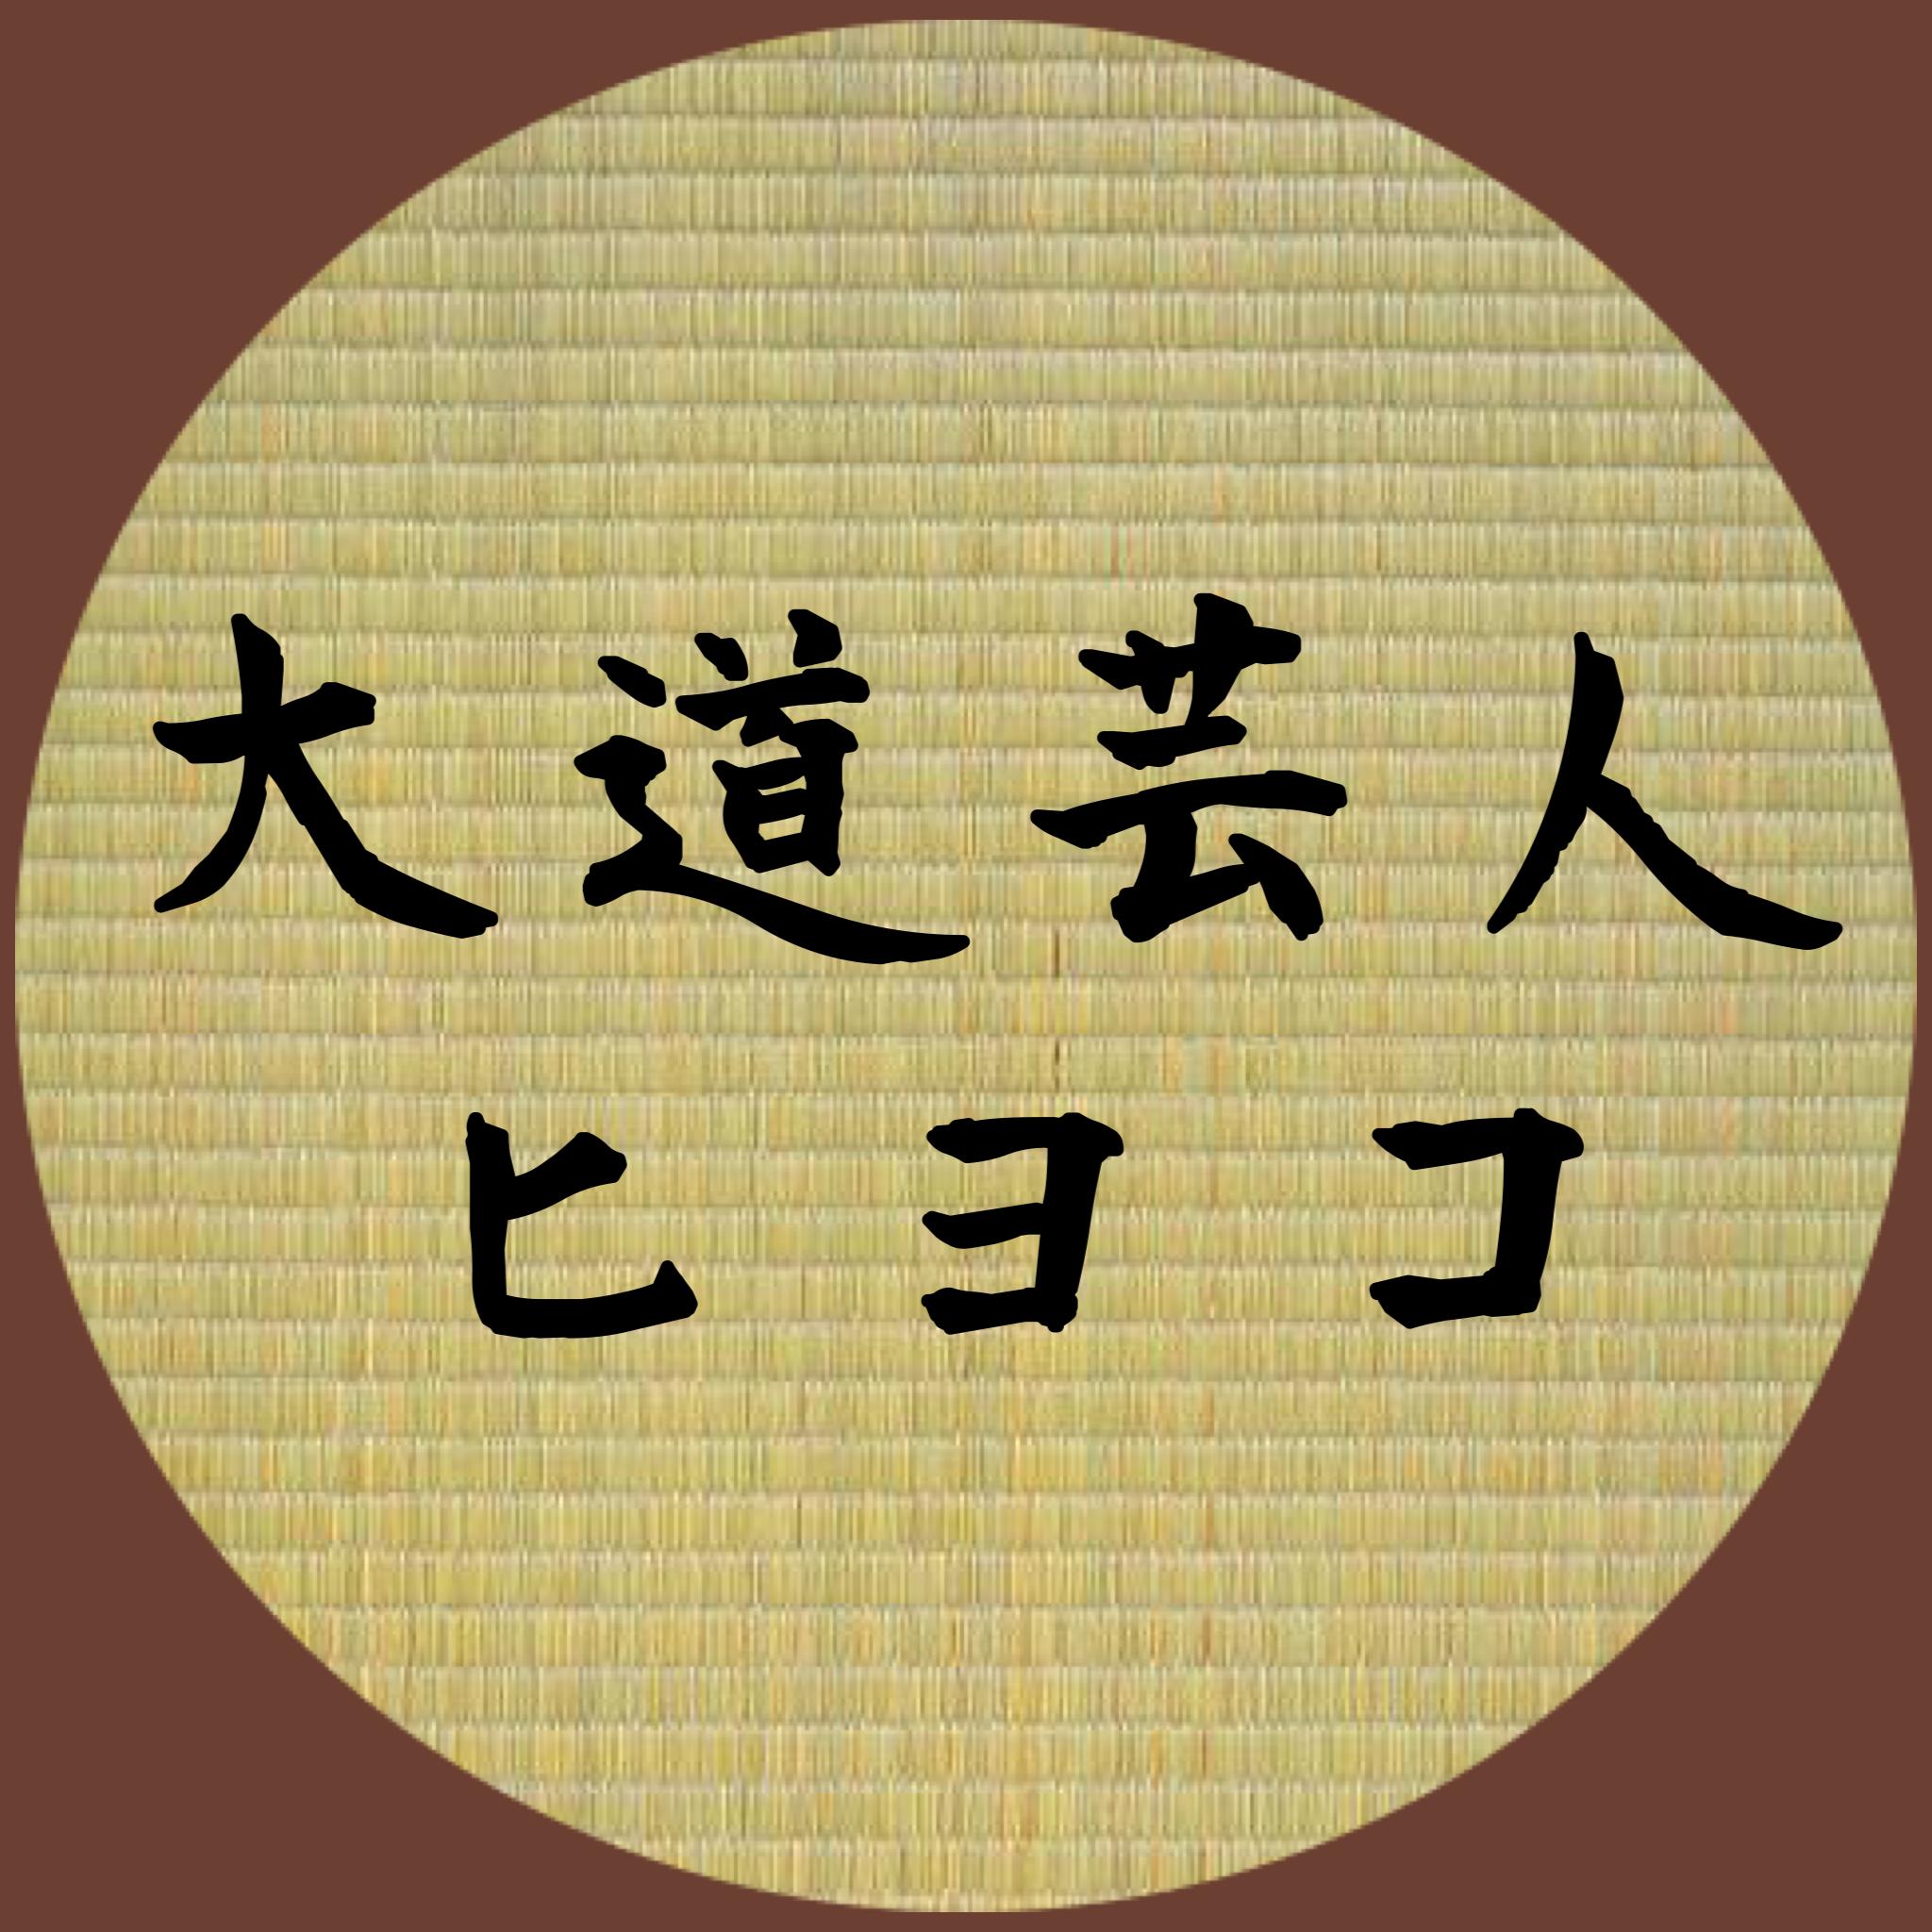 大道芸人ヒヨコ